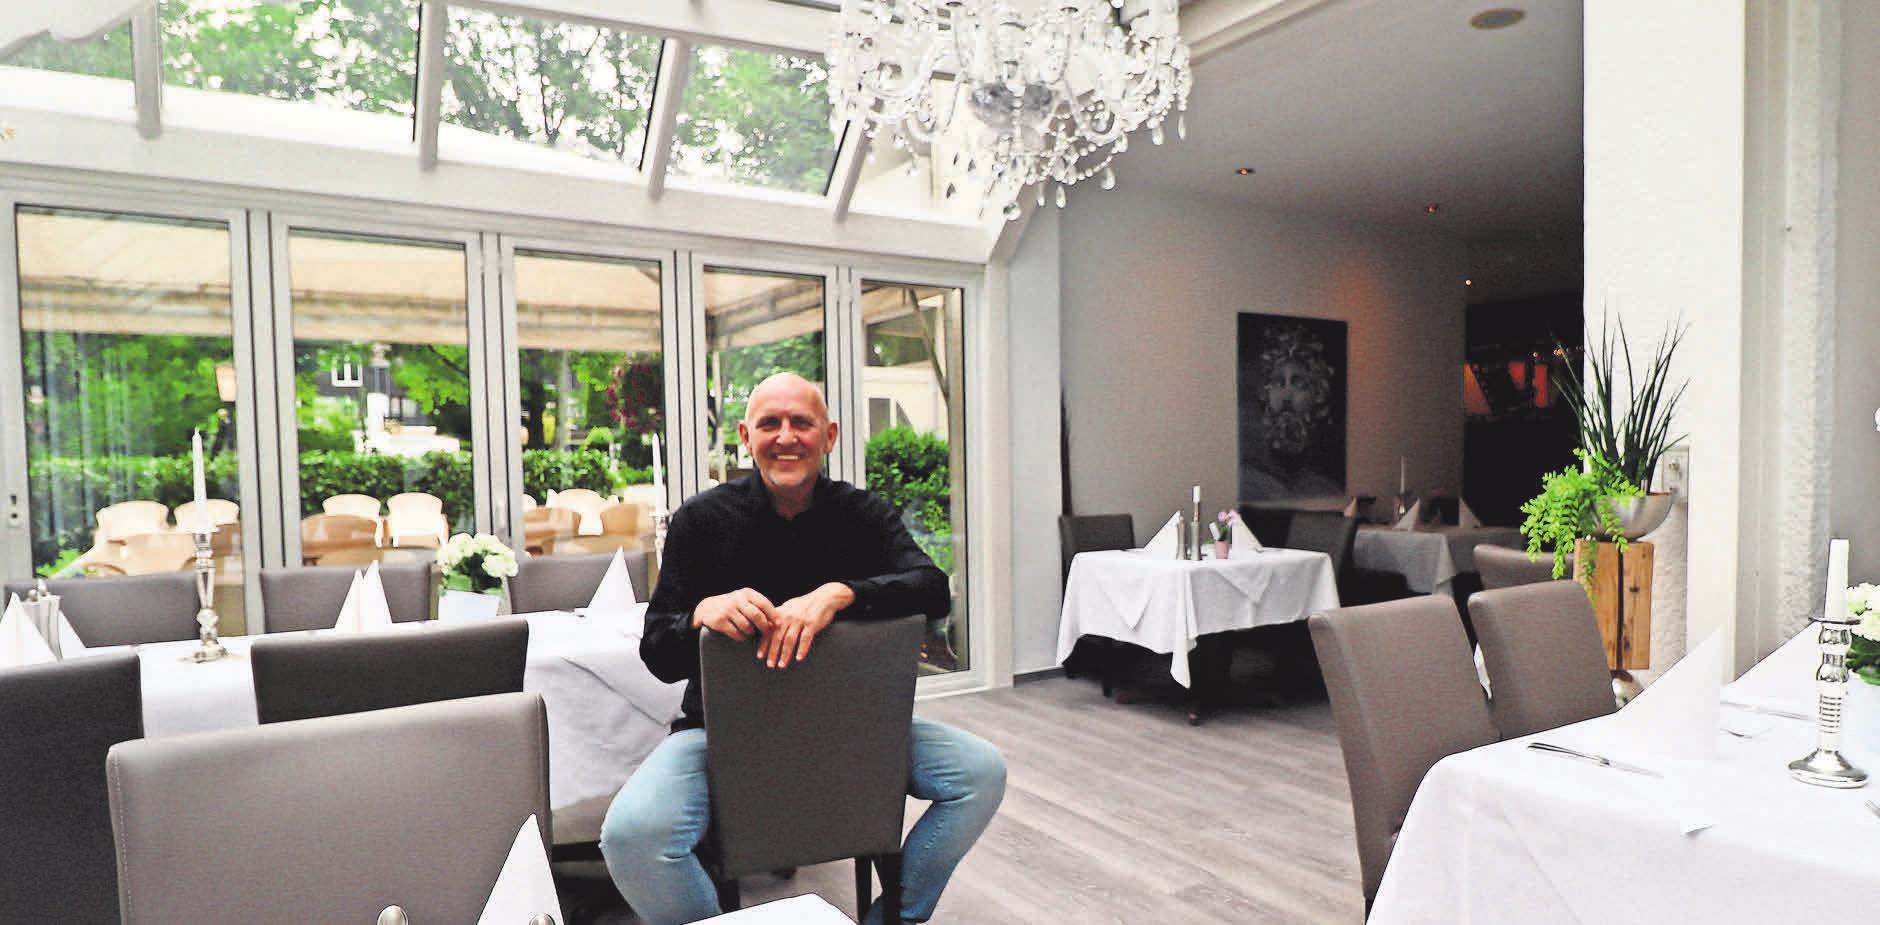 Rolf Kootsch tischt den Gästen im Restaurant Zeus authentische griechische Speisen auf, ebenso aber saisonale deutsche Gerichte.